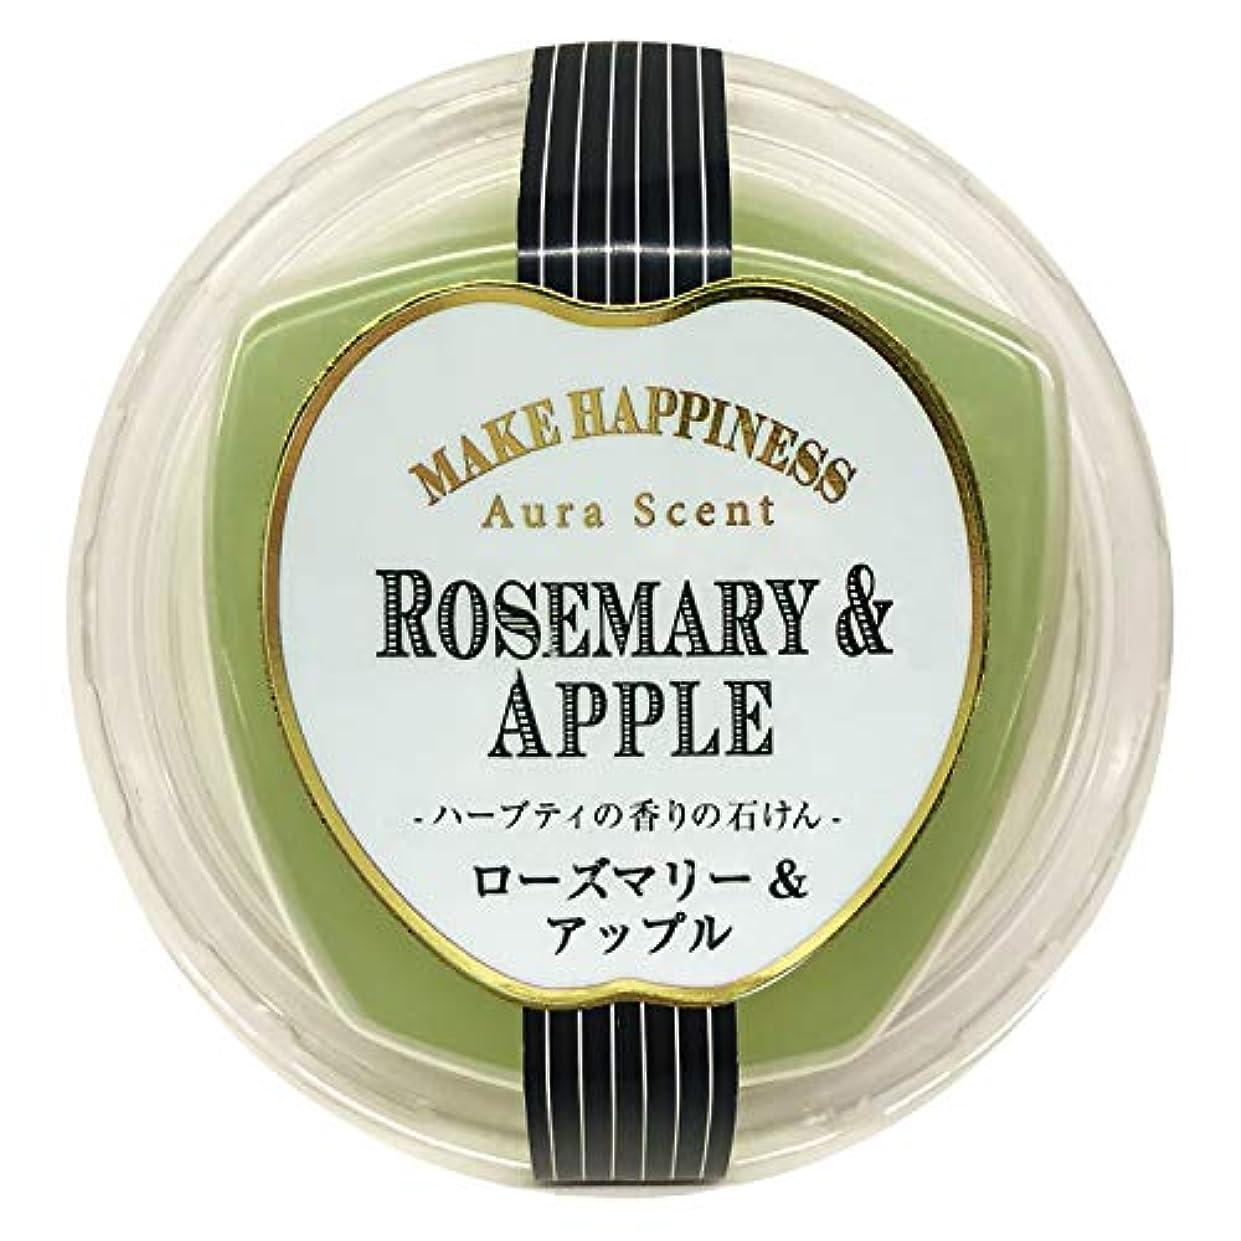 品種巨大なフォークペリカン石鹸 オーラセント クリアソープ ローズマリー&アップル 75g